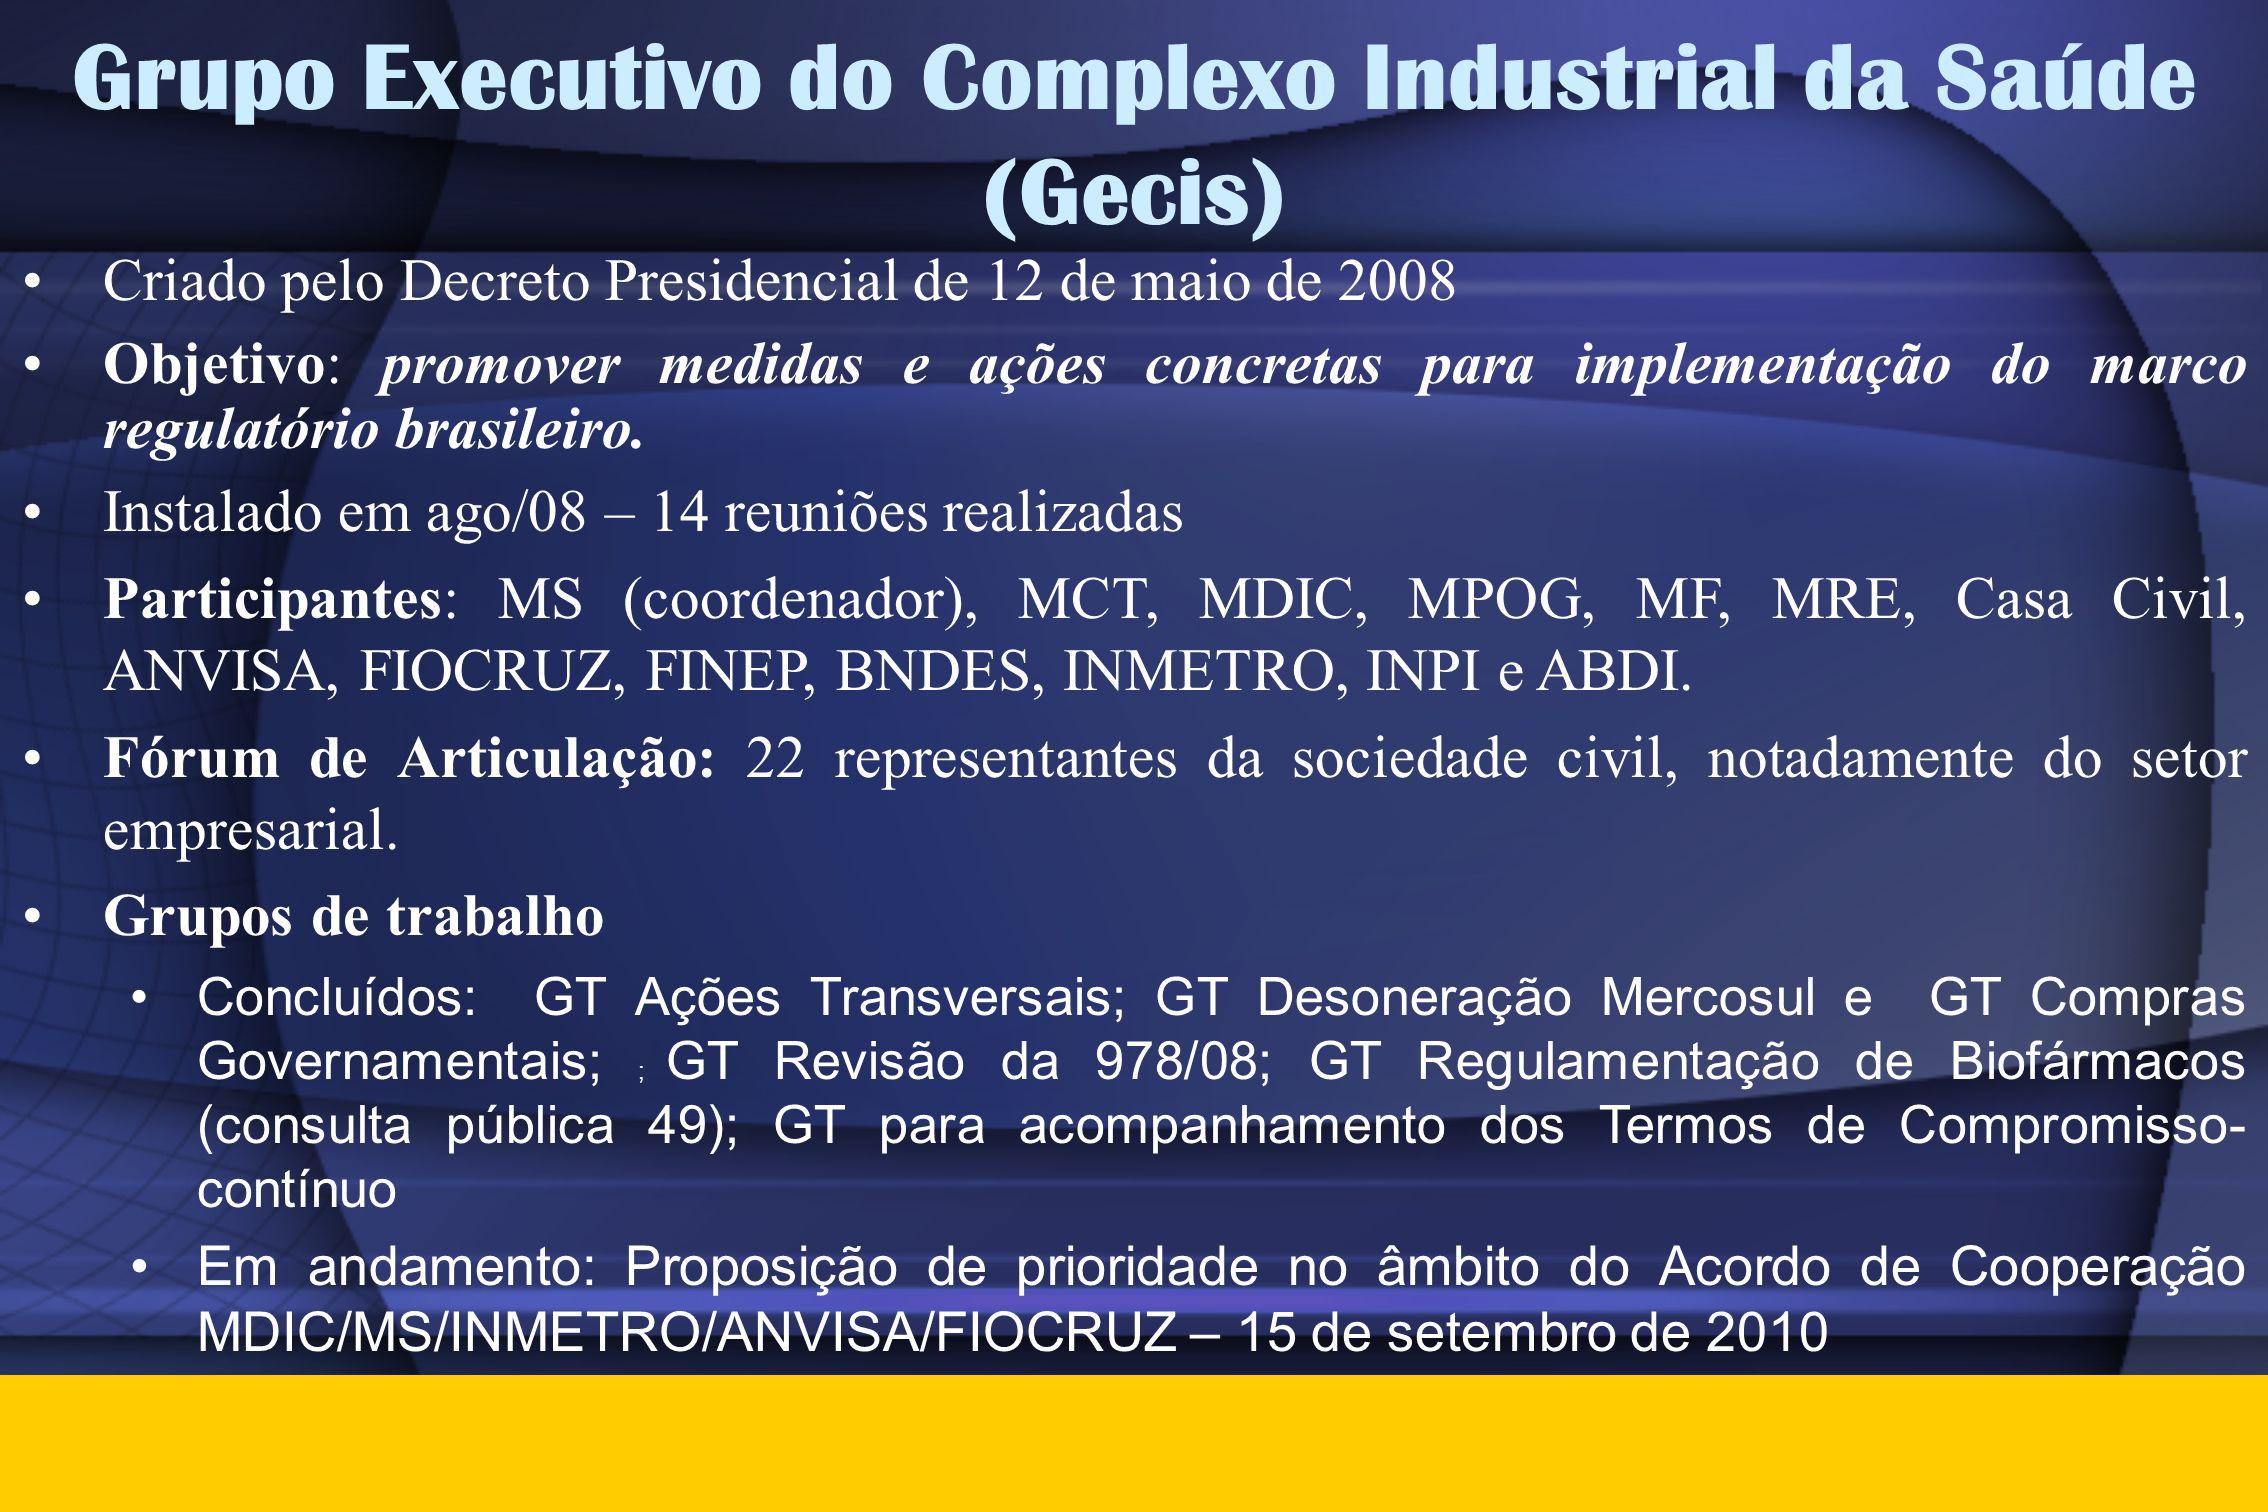 Grupo Executivo do Complexo Industrial da Saúde (Gecis) •Criado pelo Decreto Presidencial de 12 de maio de 2008 •Objetivo: promover medidas e ações co